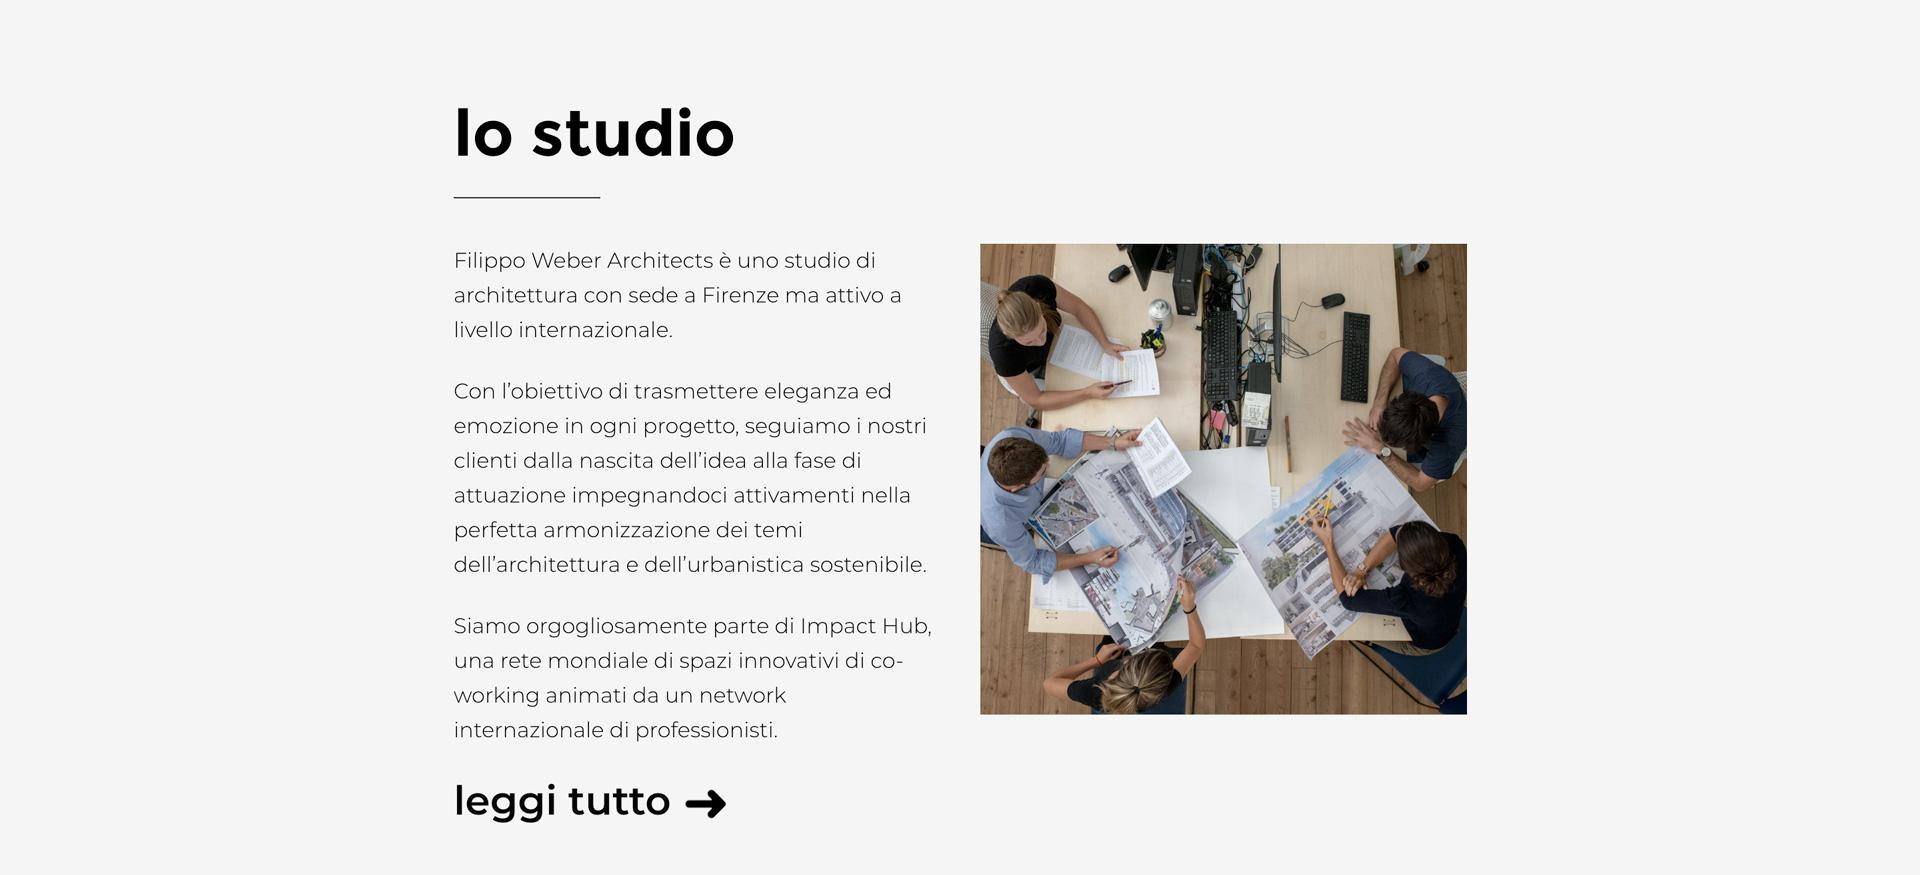 filippo-weber-architetto-restyling-sito-home3